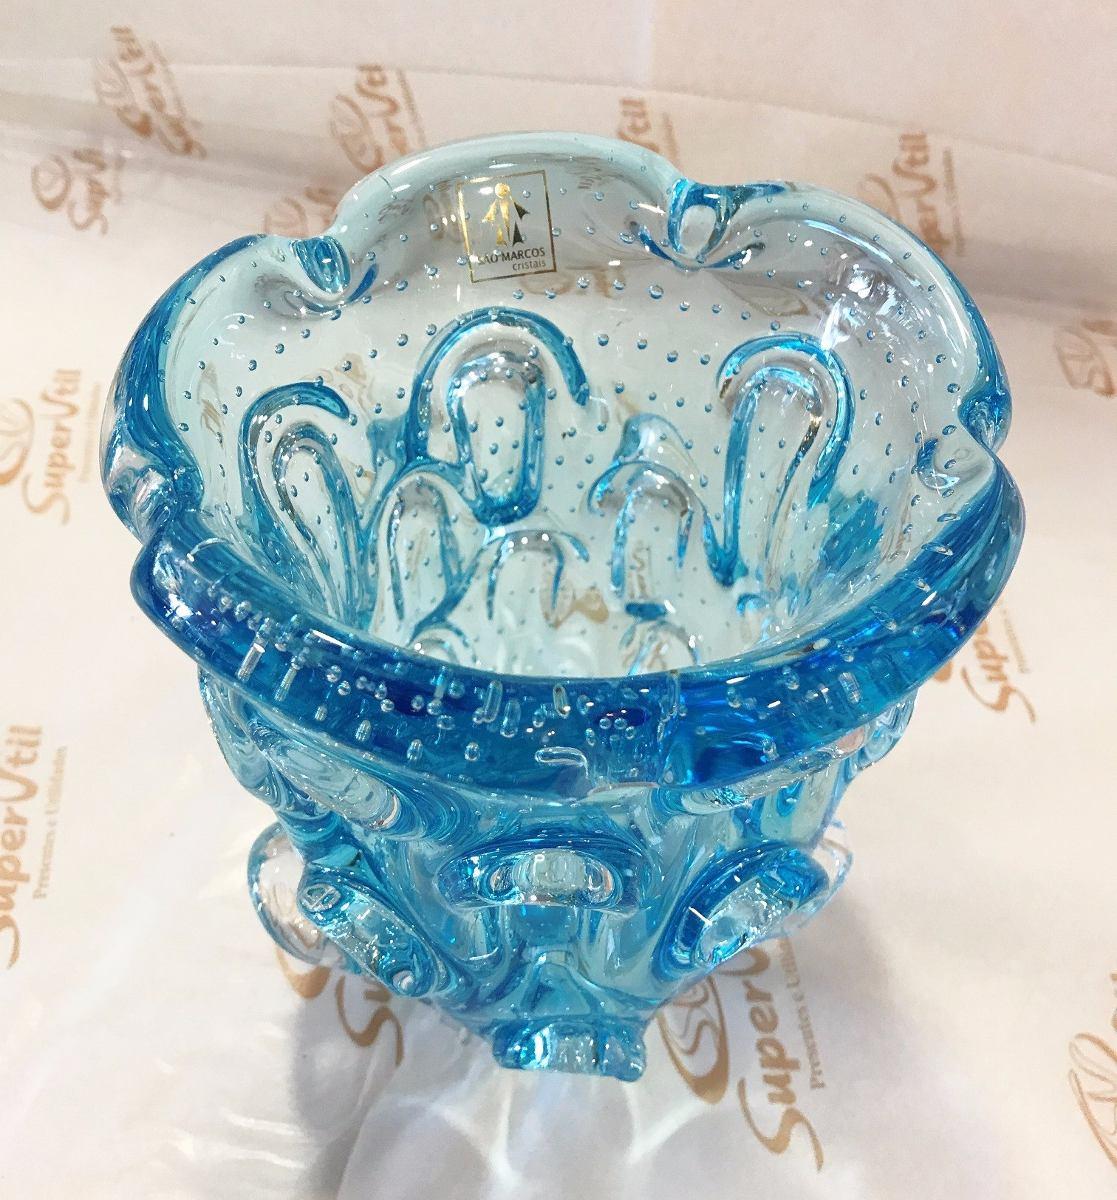 Vaso murano 18x15cm azul piscina cristais sao marcos r for Vaso piscina